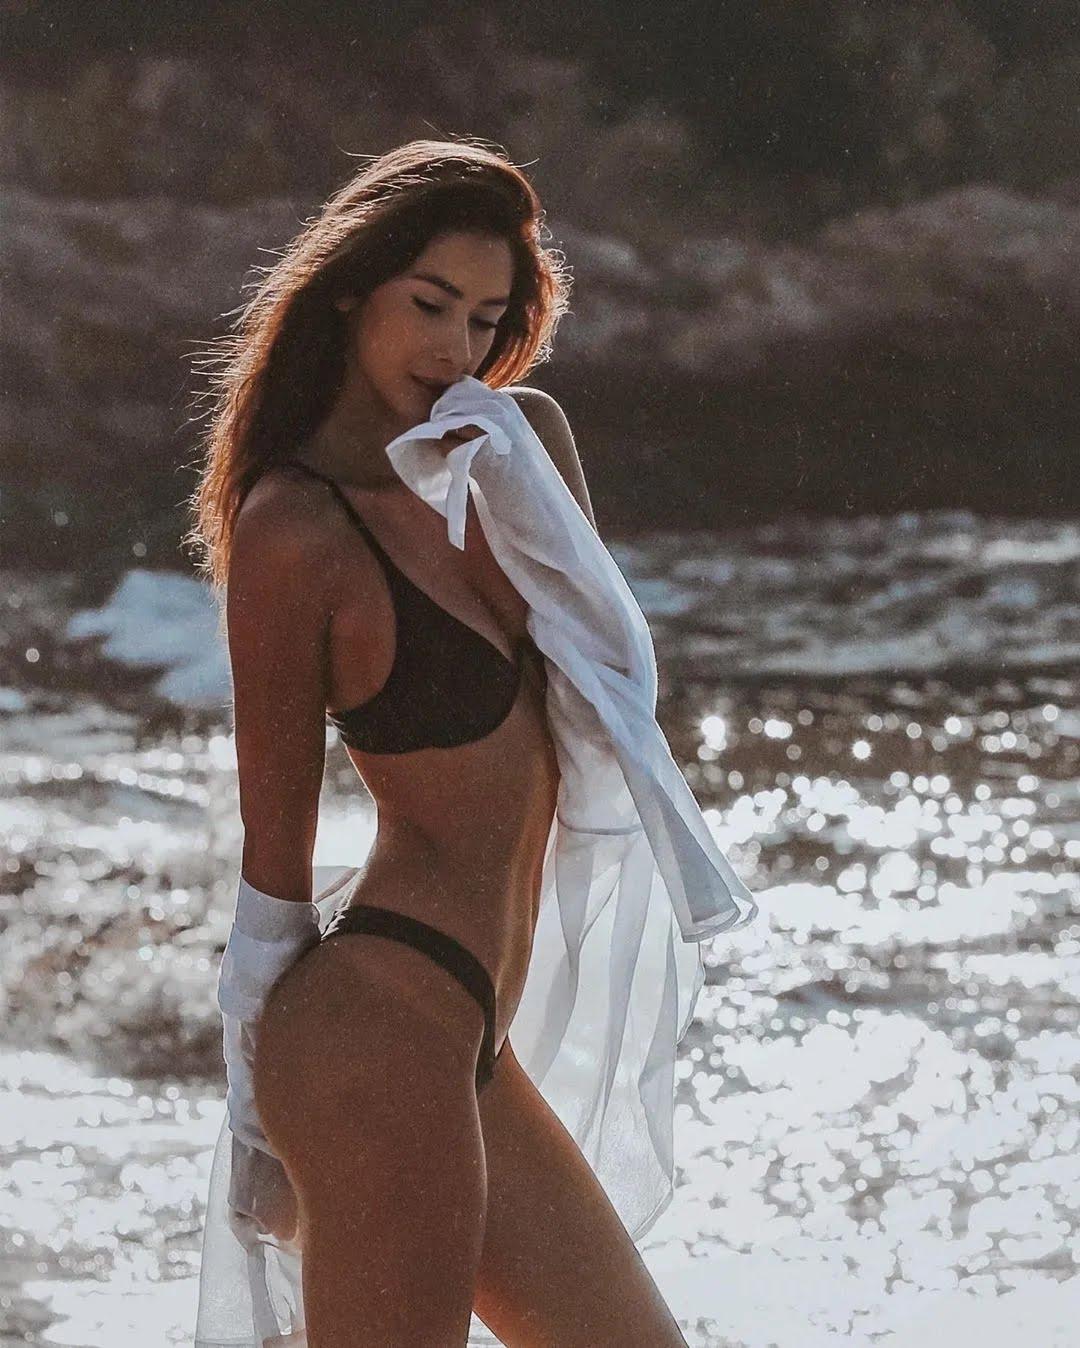 Опубликованы фото роскошной модели, с которой Александр Зверев нарушил самоизоляцию